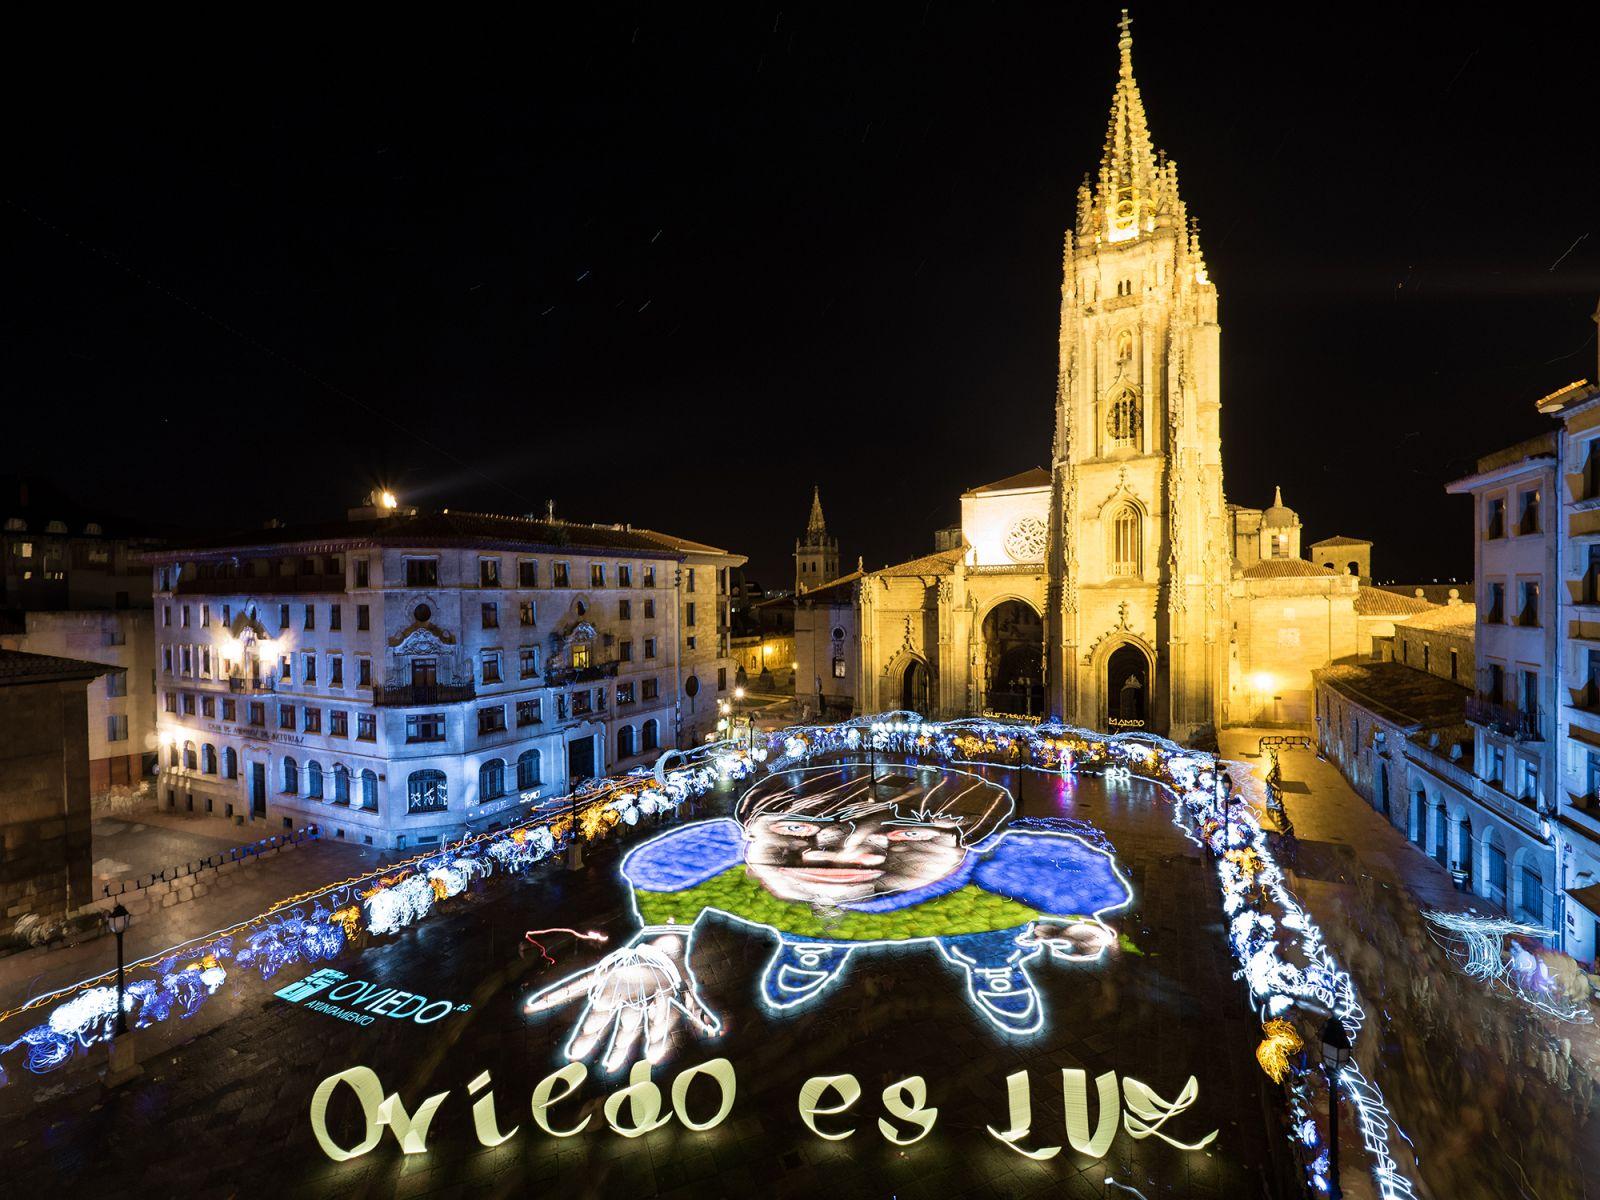 700 personas participaron anoche en #OviedoEsLuz, foto masiva de #lightpainting diseñada por @sfhir https://t.co/fDlb9x1YBk